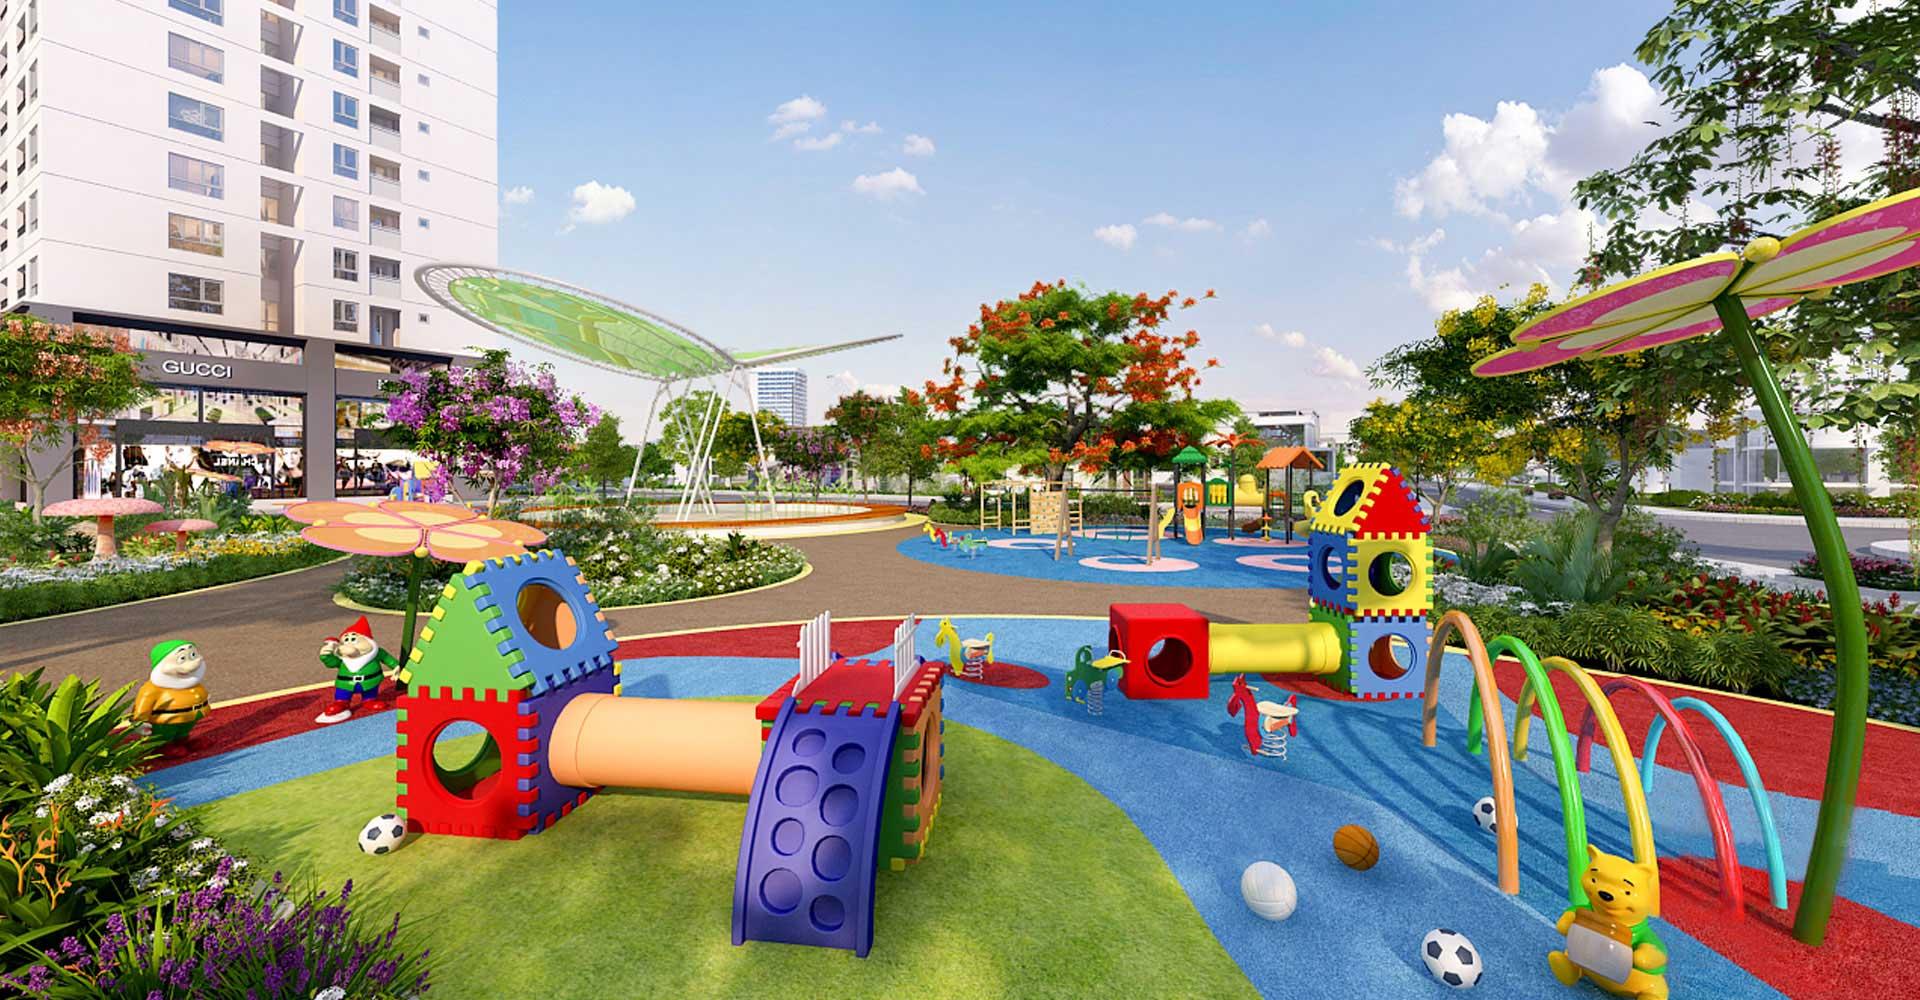 KHu vui chơi trẻ em dành riêng cho các gia đình trẻ tại Lavita Garden Quận Thủ Đức